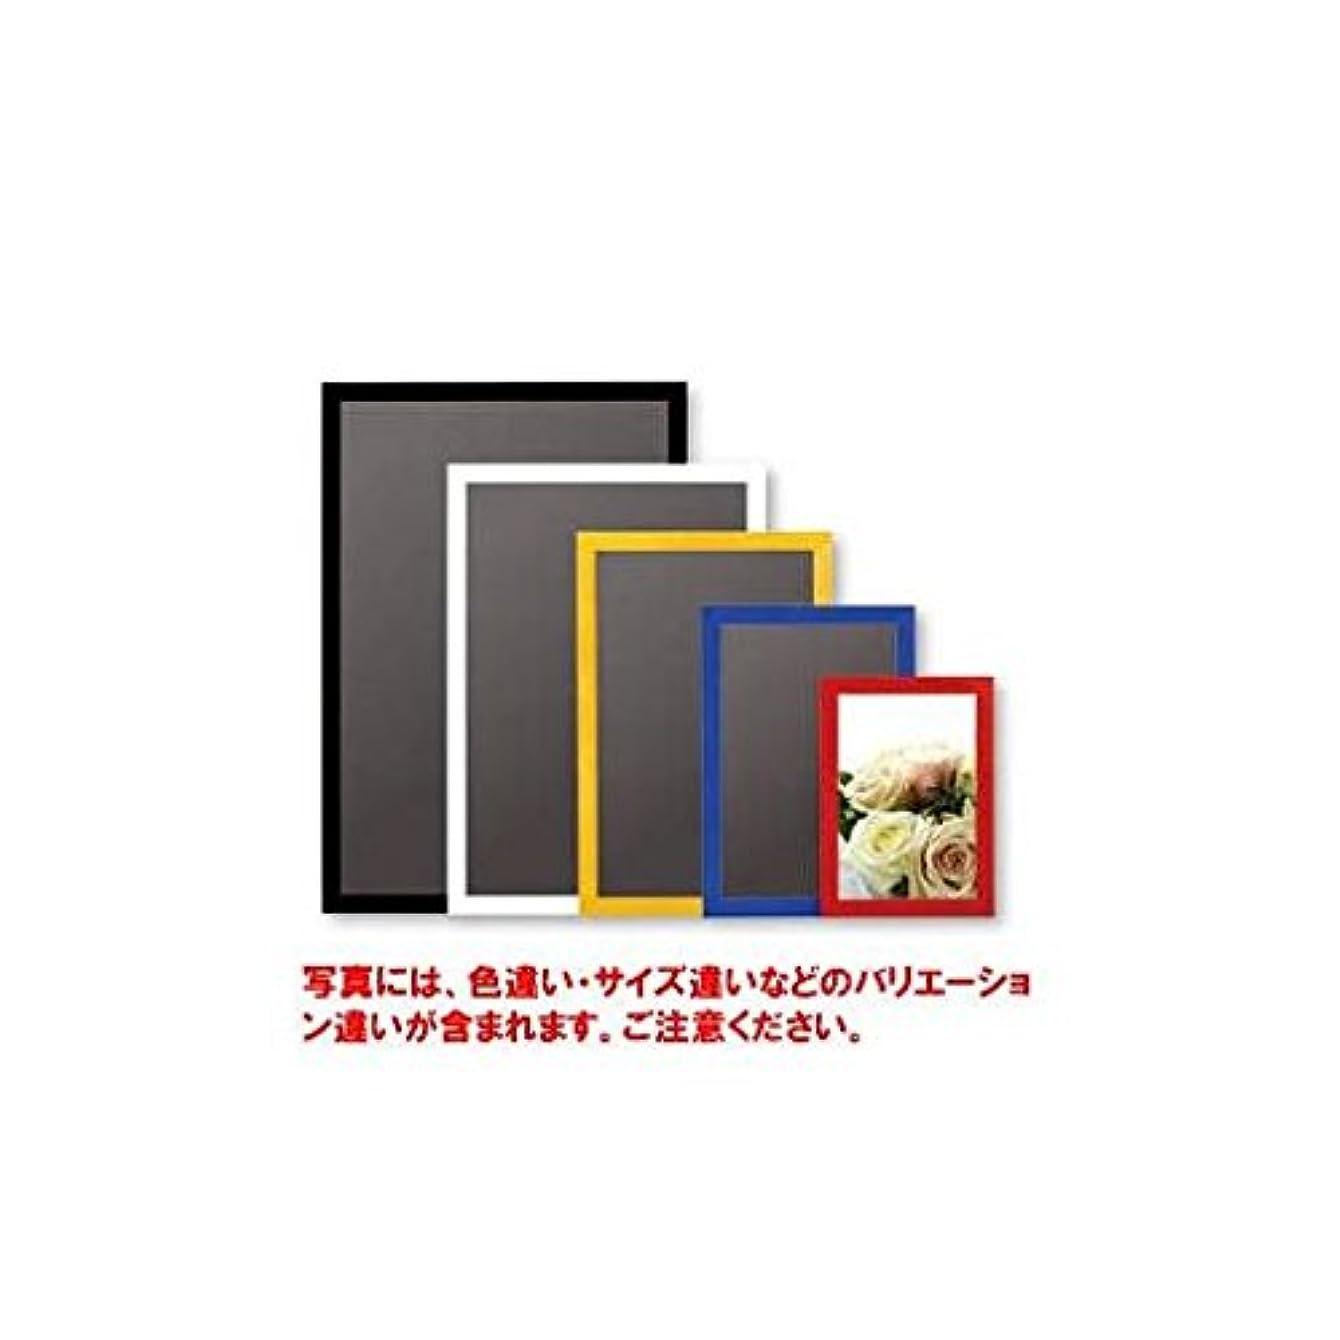 かき混ぜる警報破裂GV08838 ニューアートフレームカラー B3 青